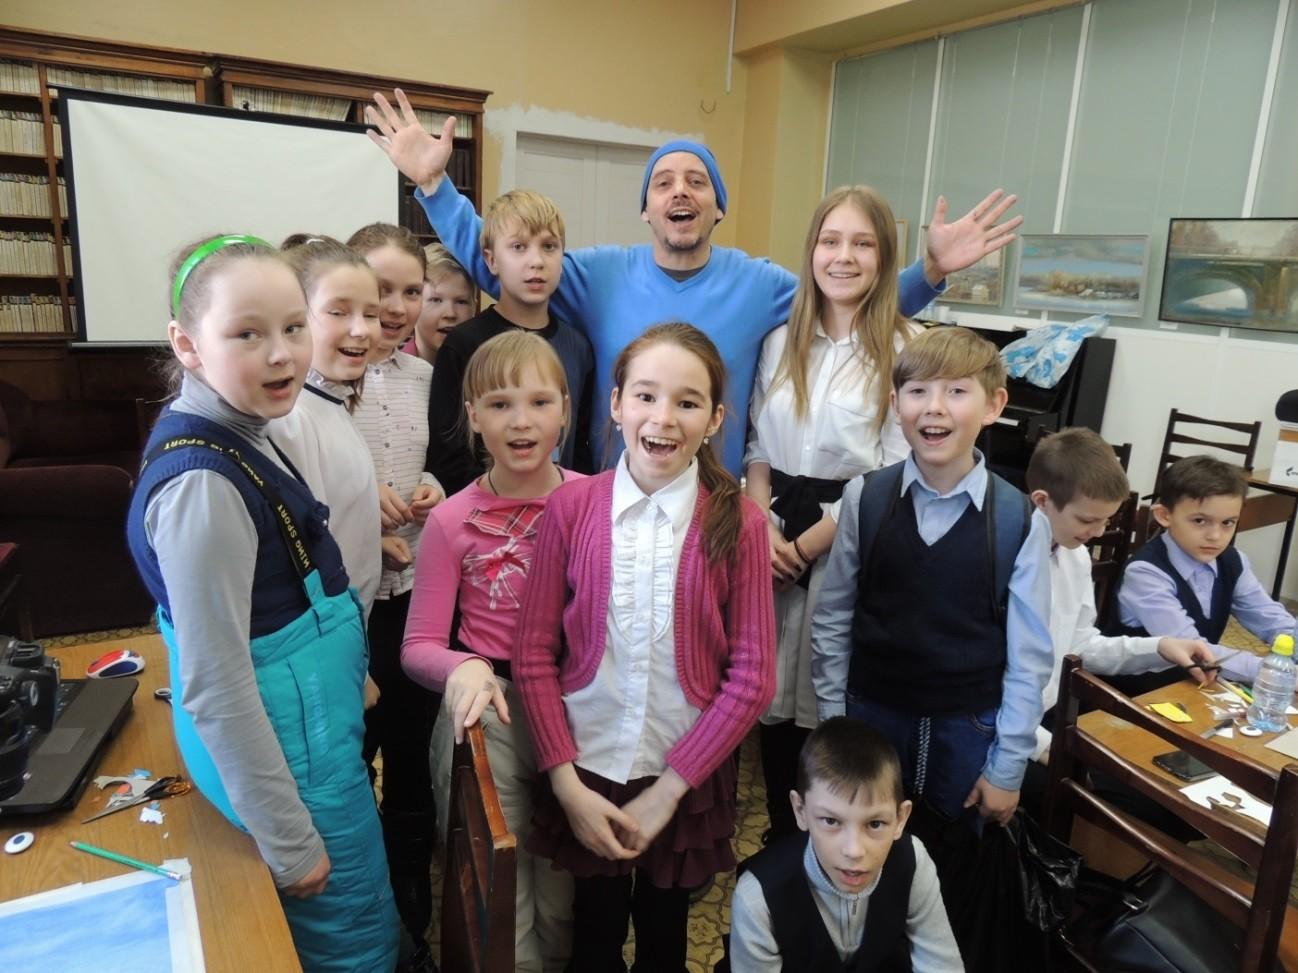 Послы Аниматики в марте побывали в гостях у воспитанников детских студий Ярославля, Каменск-Уральского и Дзержинска